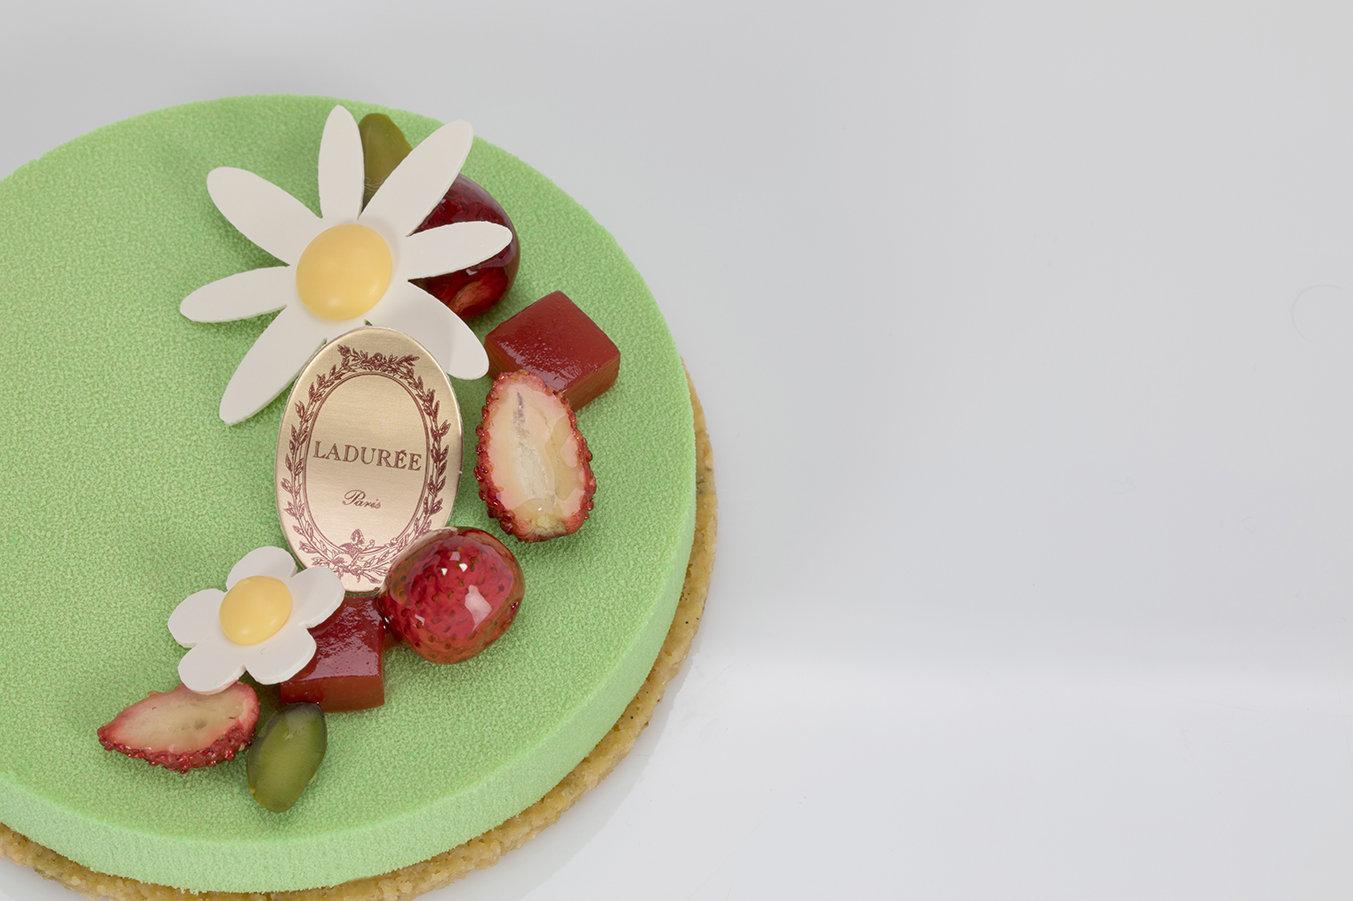 Le dessert de Ladurée